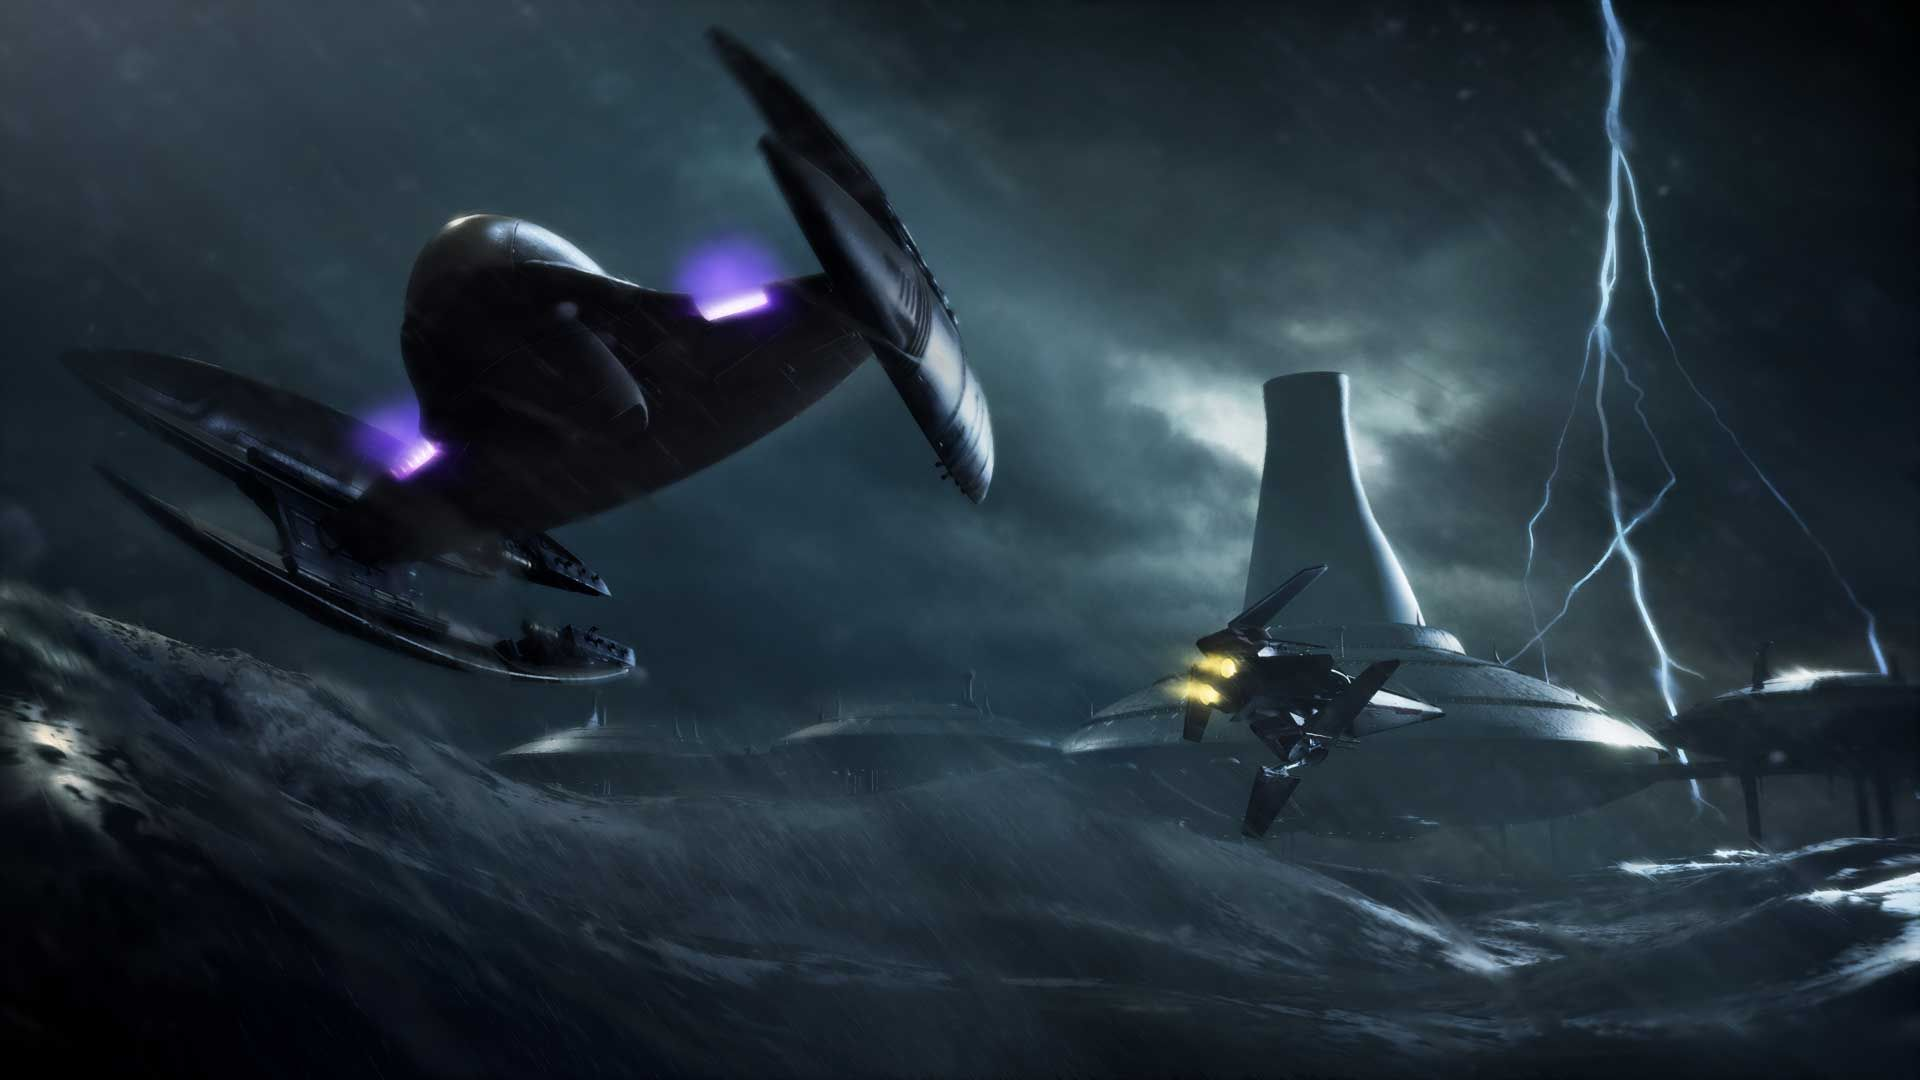 star wars battlefront 2 free download windows 7